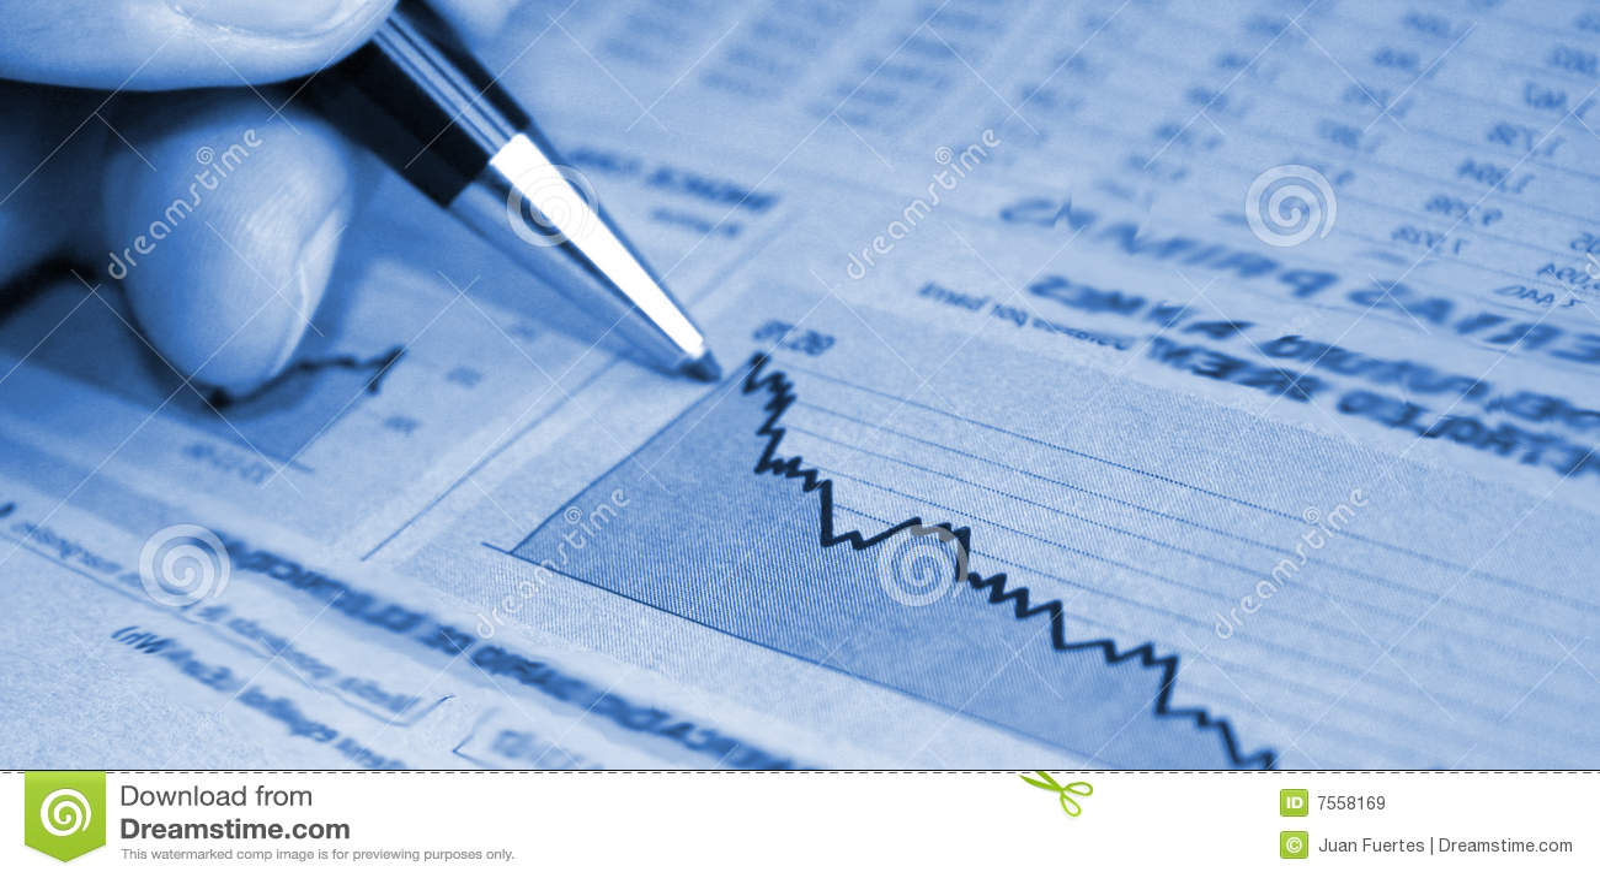 Relatorio da administracao contabilidade